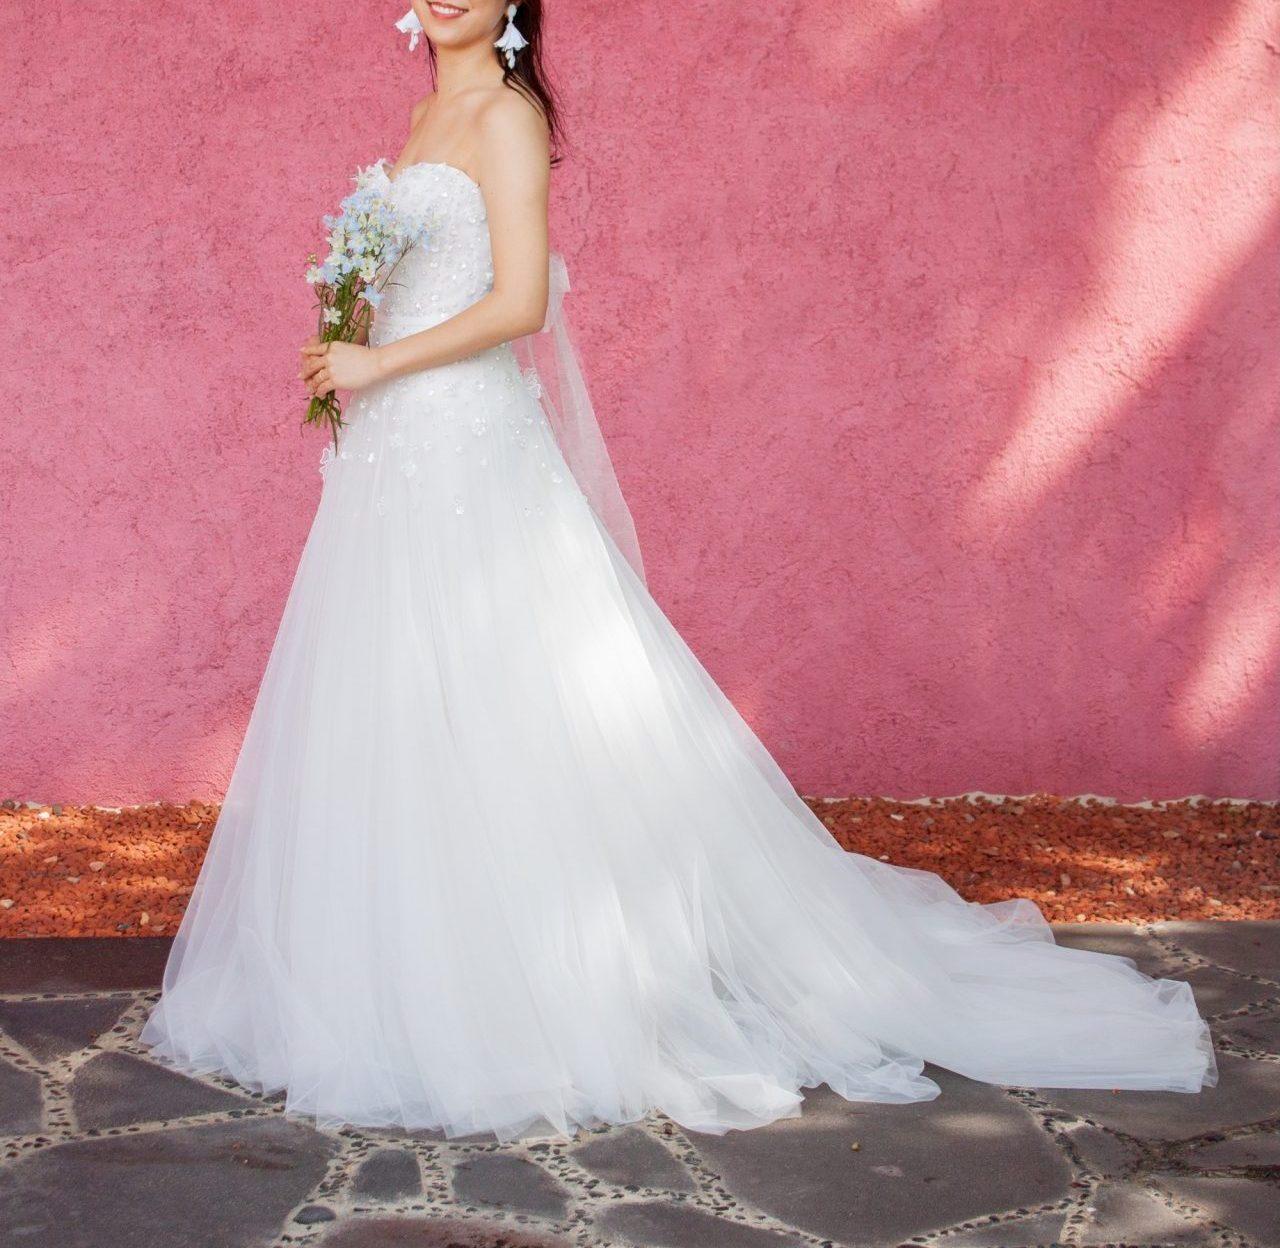 ザ・トリートドレッシング福岡店でお召し頂ける、人気のミラ・ズウィリンガーのチュールのレンタルウエディングドレス